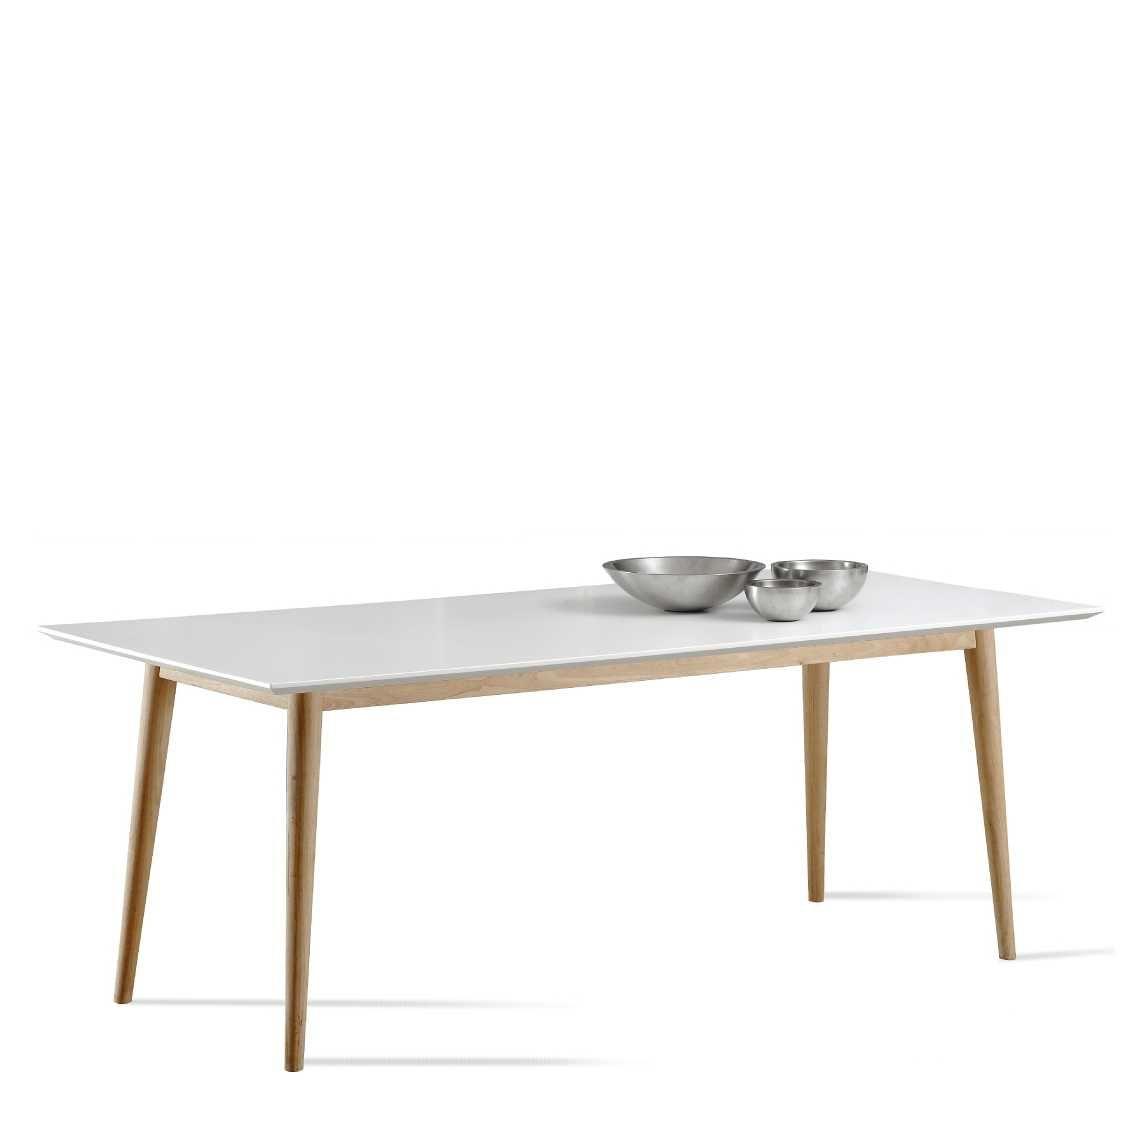 Retro Dining Table   Ruijch | Mister Design